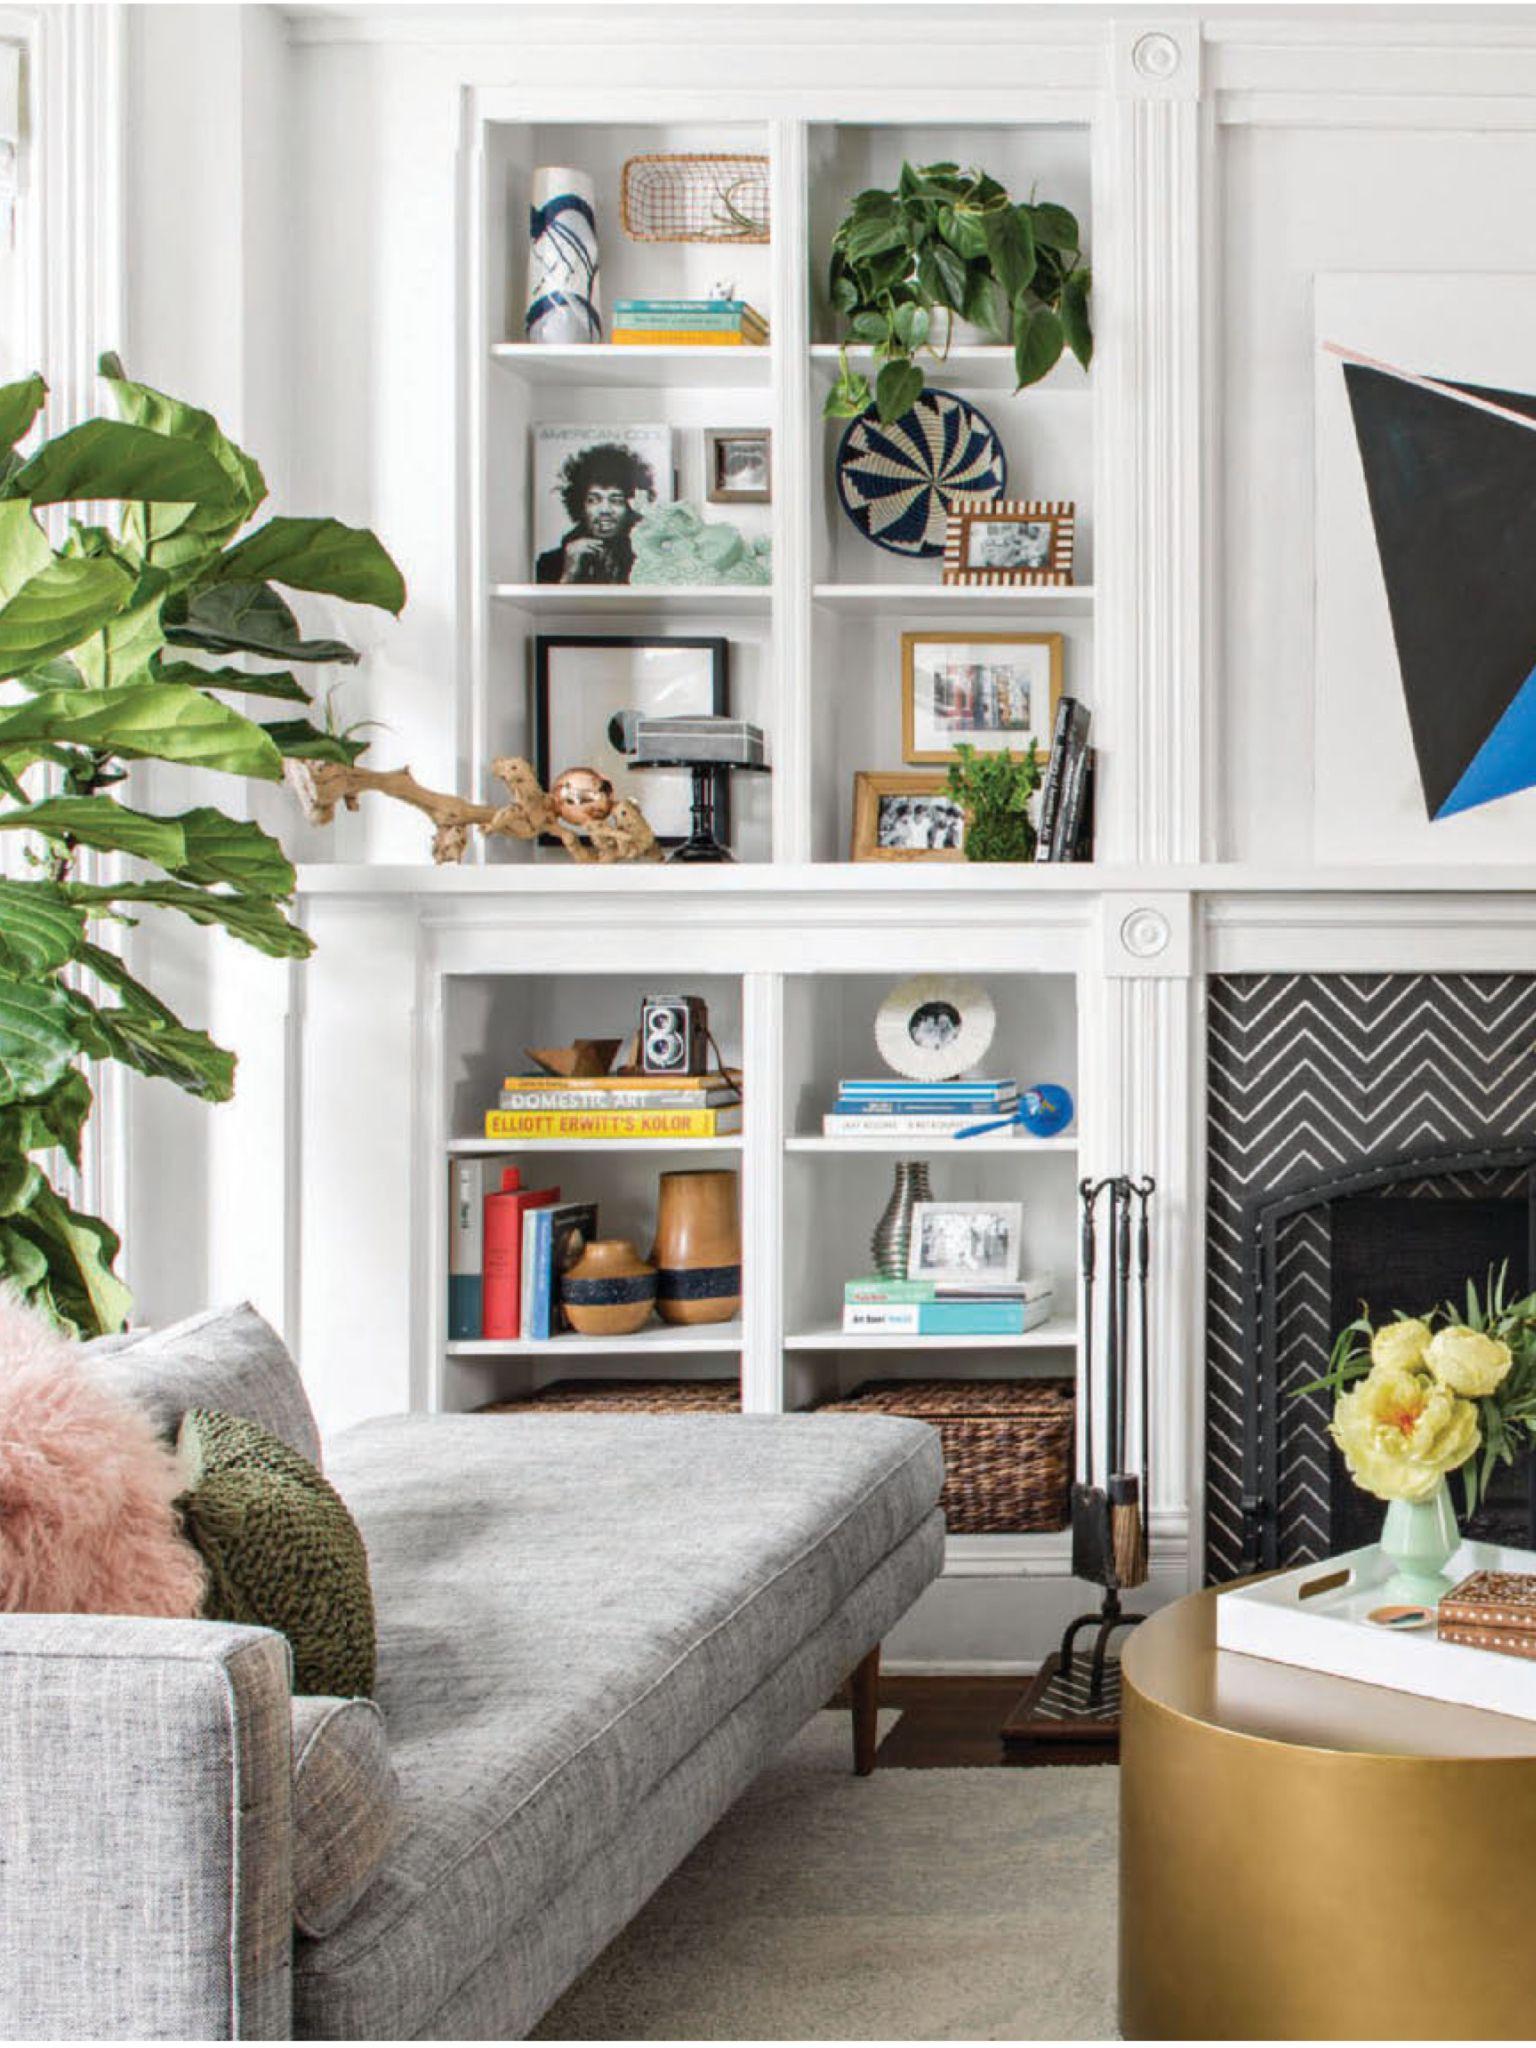 Better Homes And Gardens Magazine November 2018